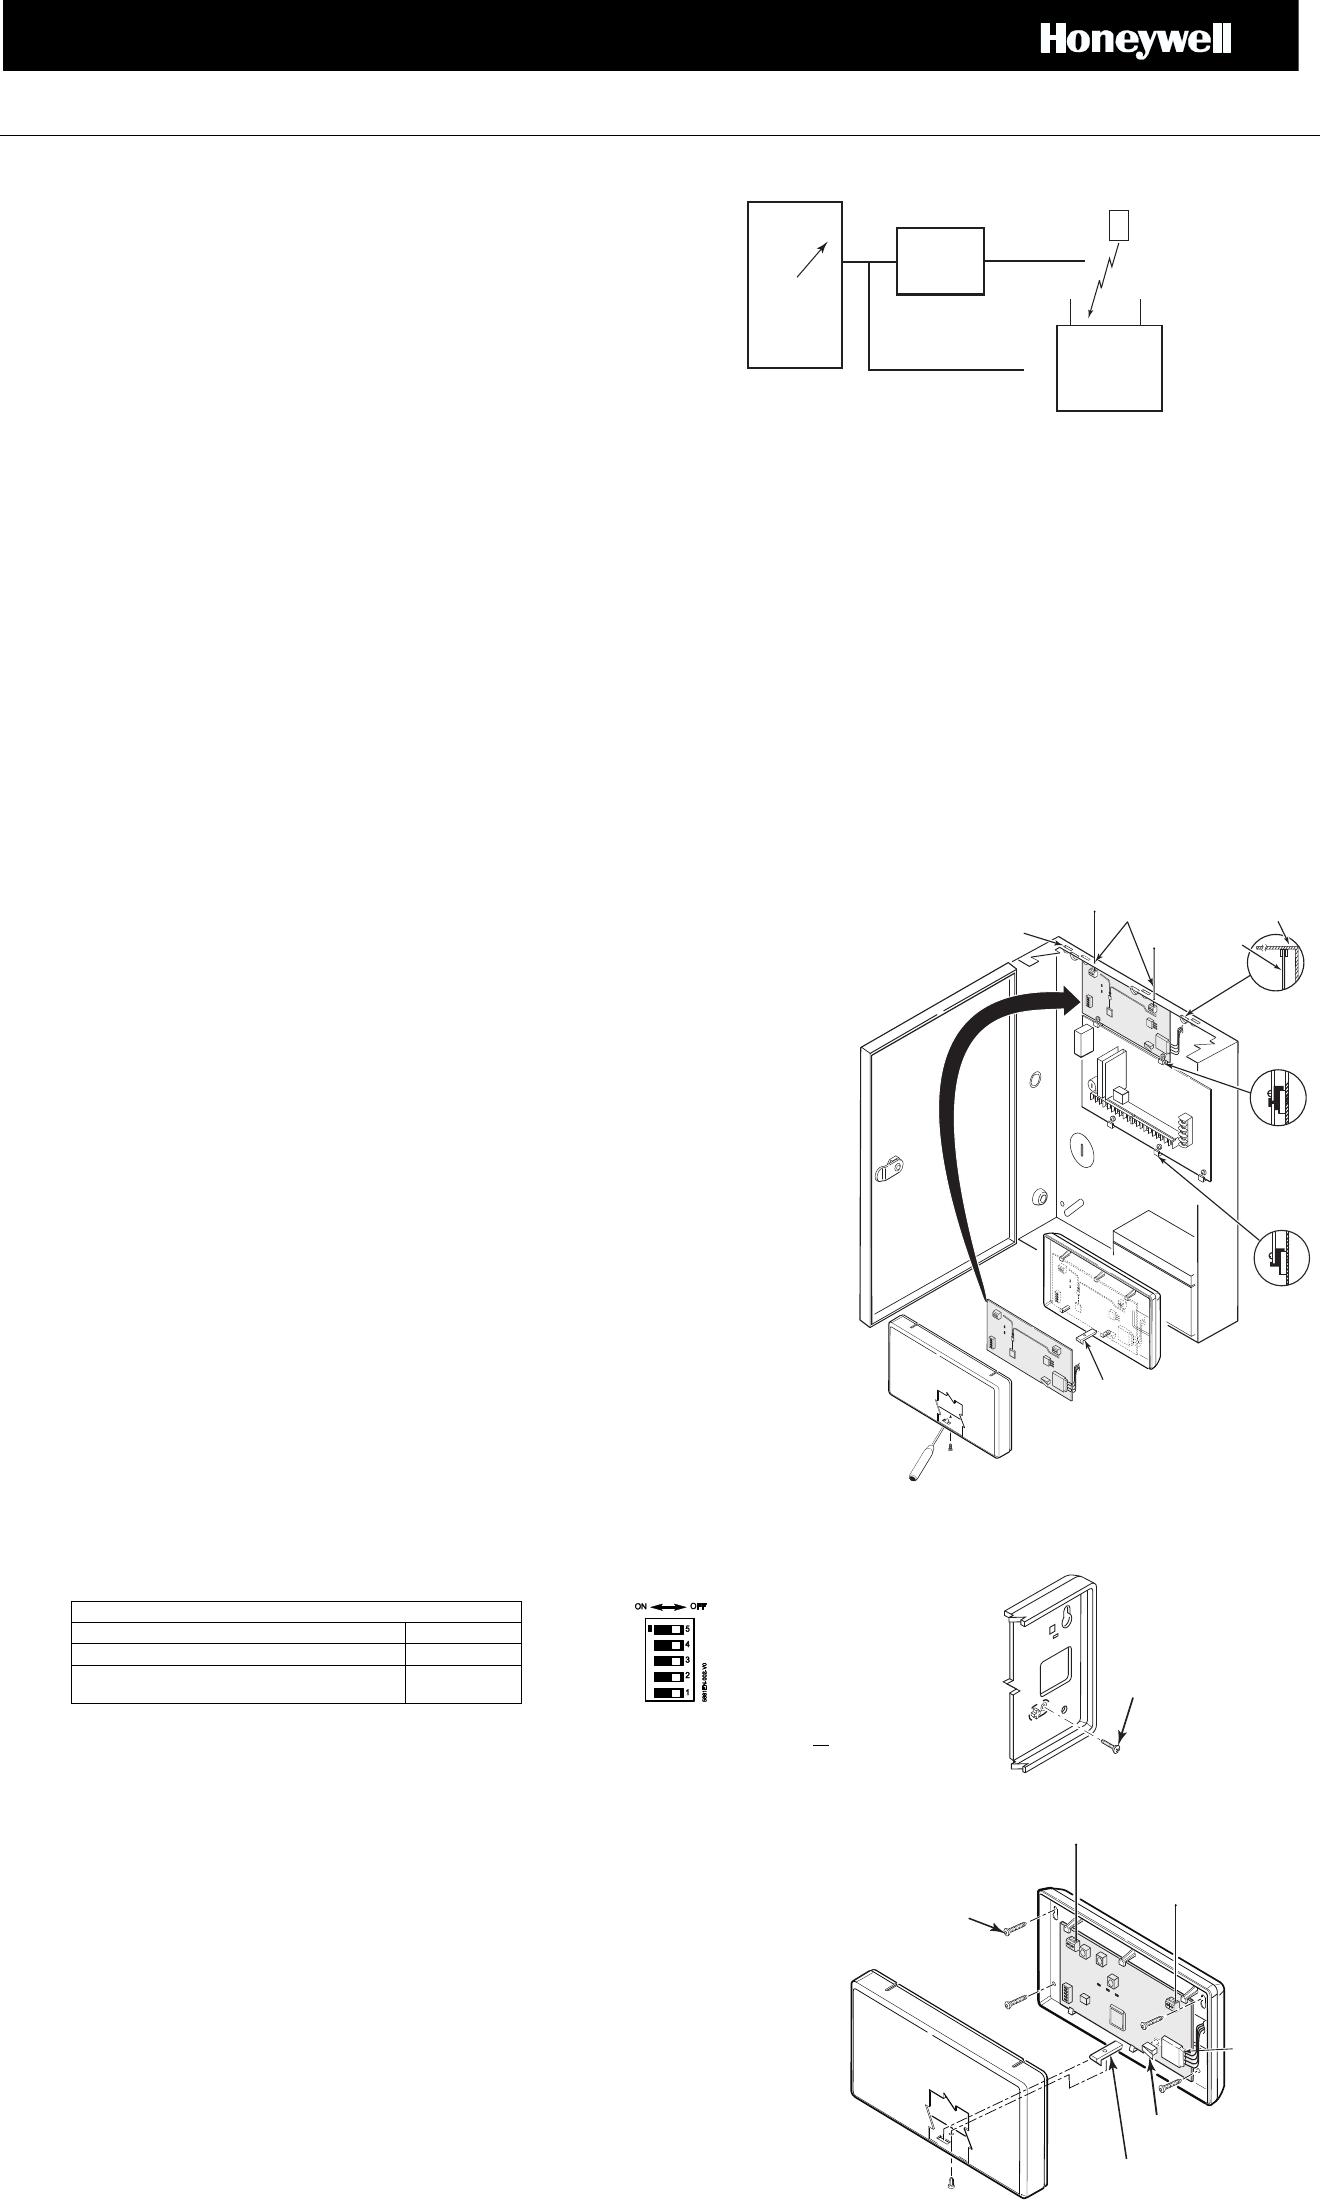 Honeywell 8DL5881EN Security Receiver User Manual N7635